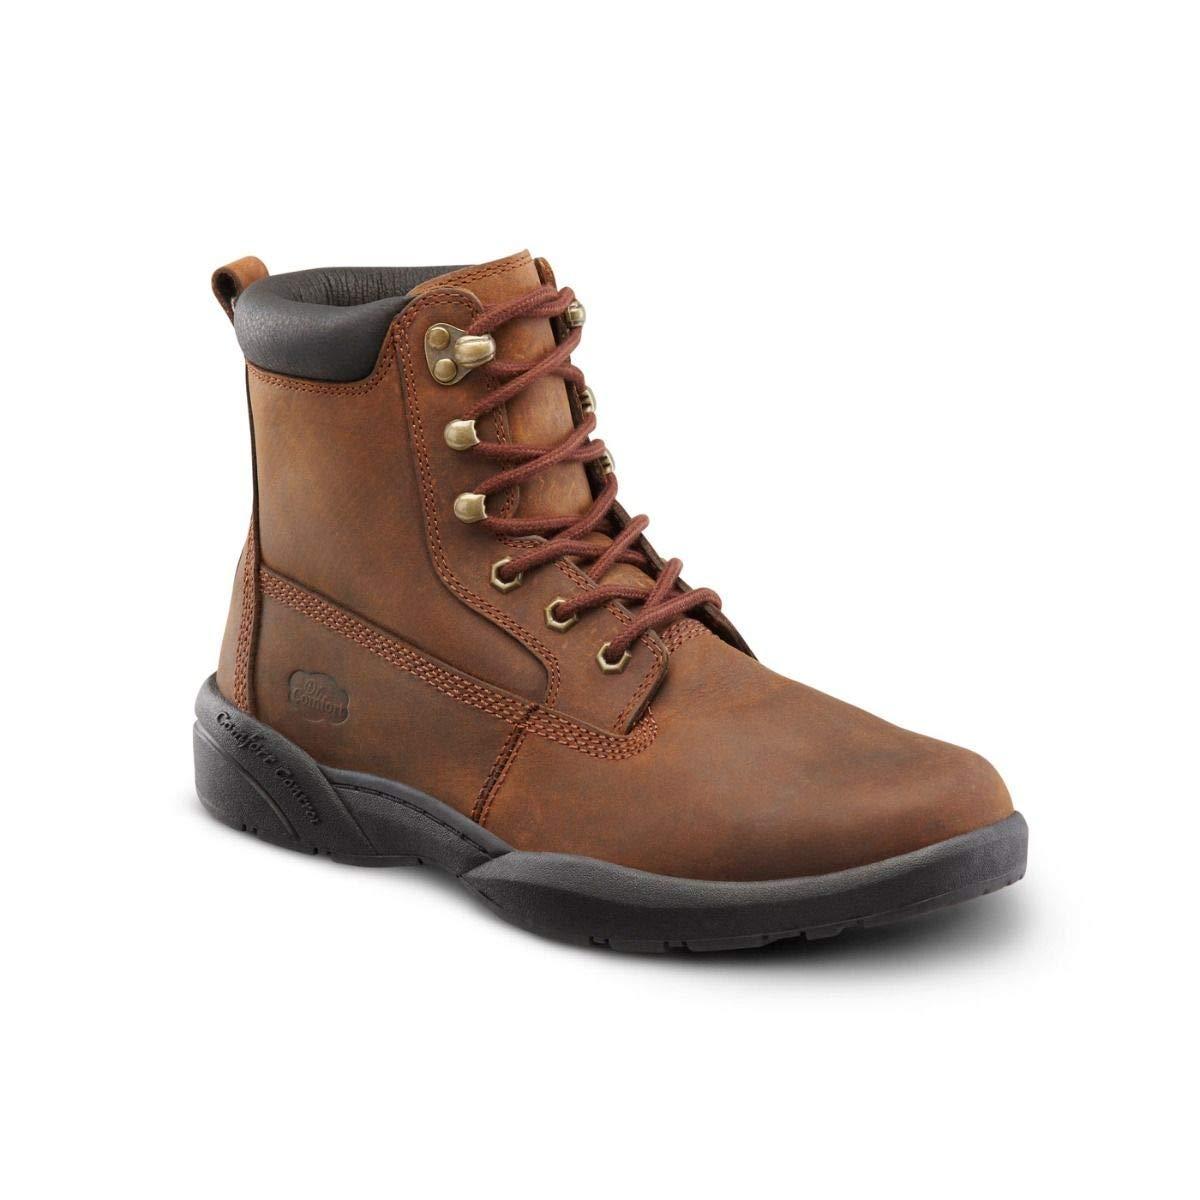 Dr. Comfort Men's Boss Diabetic Boots: Chestnut 12 Wide (E/2E) by Dr. Comfort